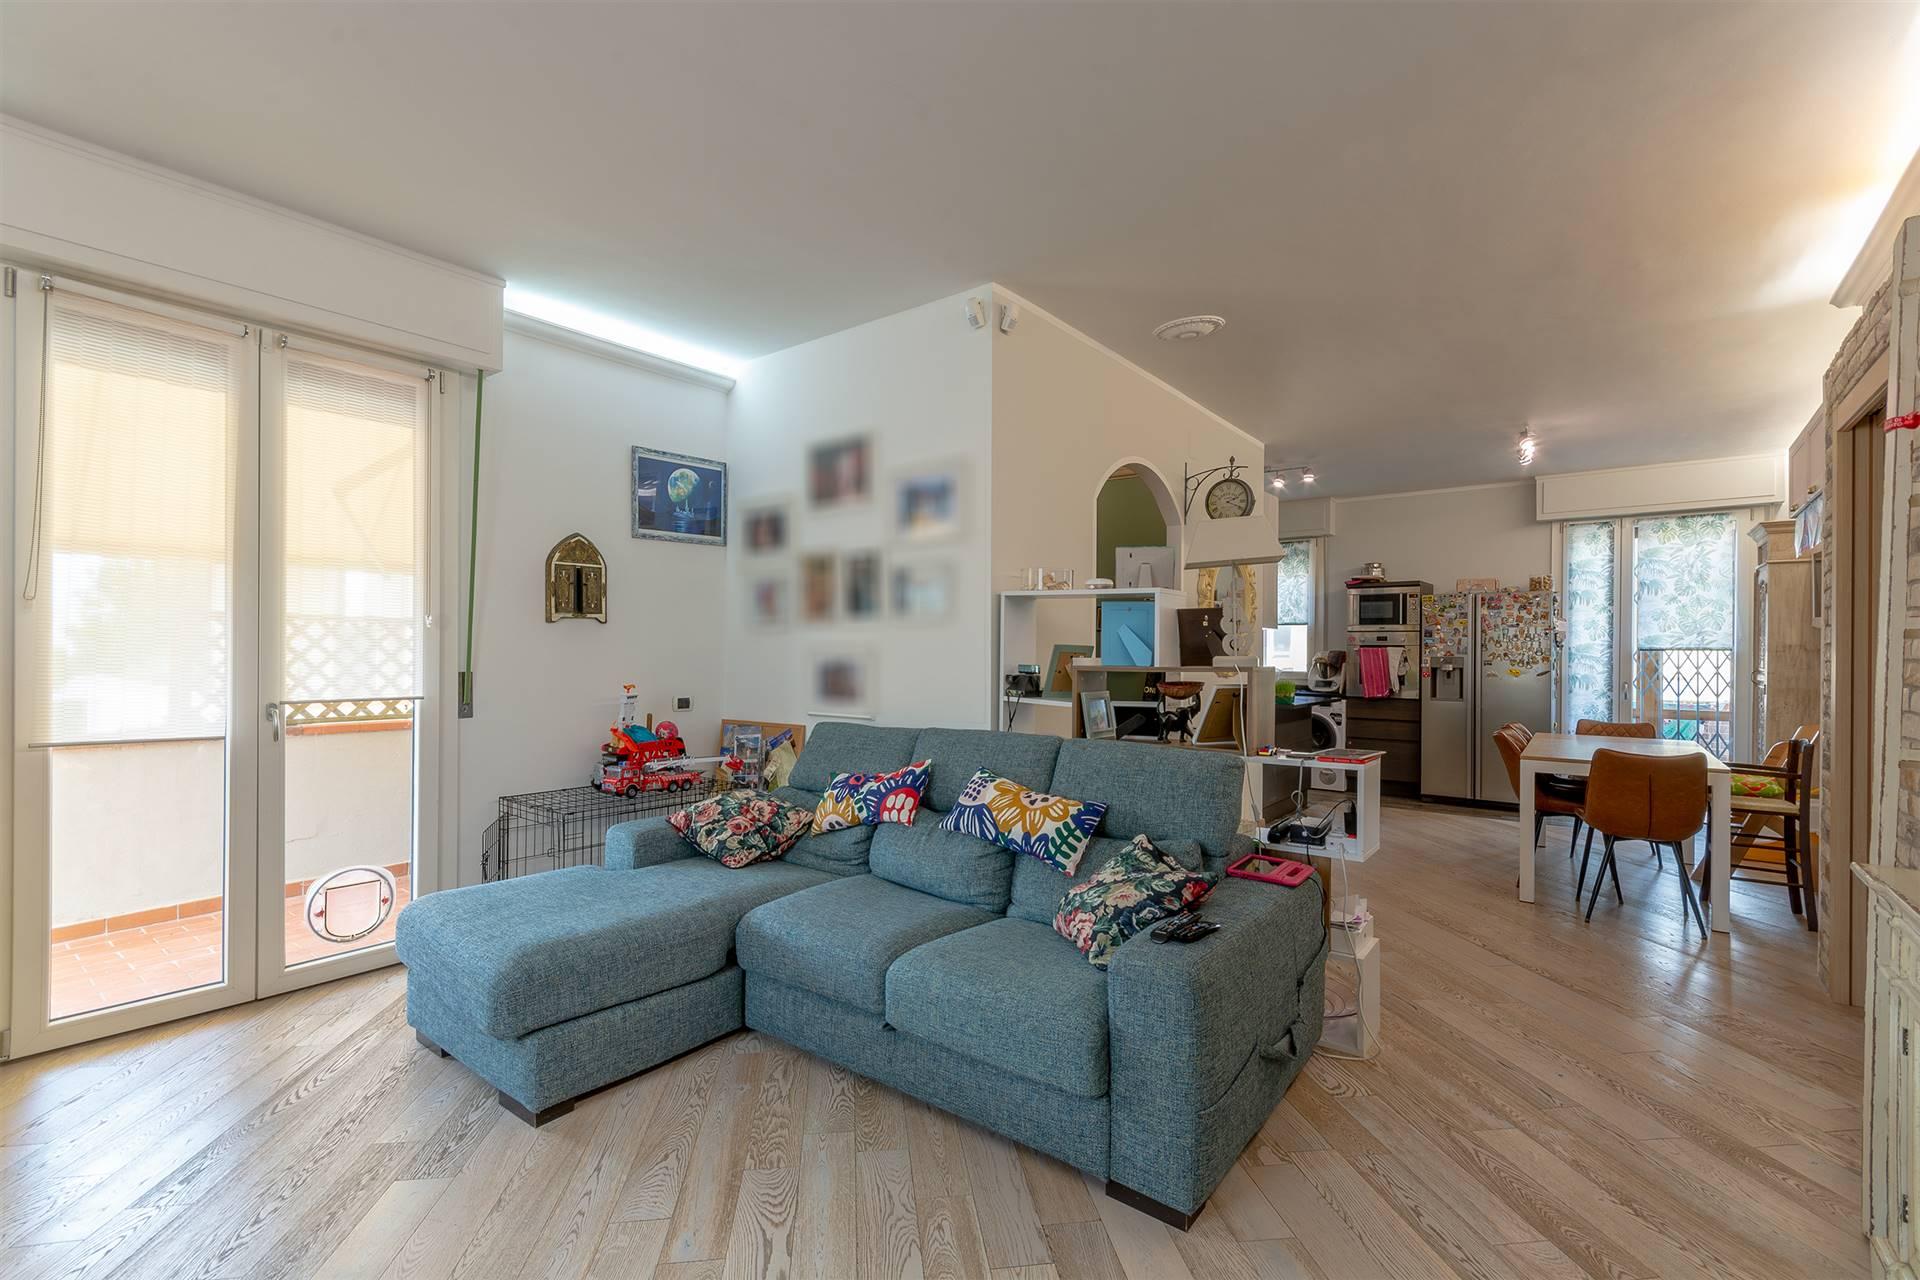 Appartamento in vendita a Campi Bisenzio, 4 locali, zona adonnina, prezzo € 280.000 | PortaleAgenzieImmobiliari.it